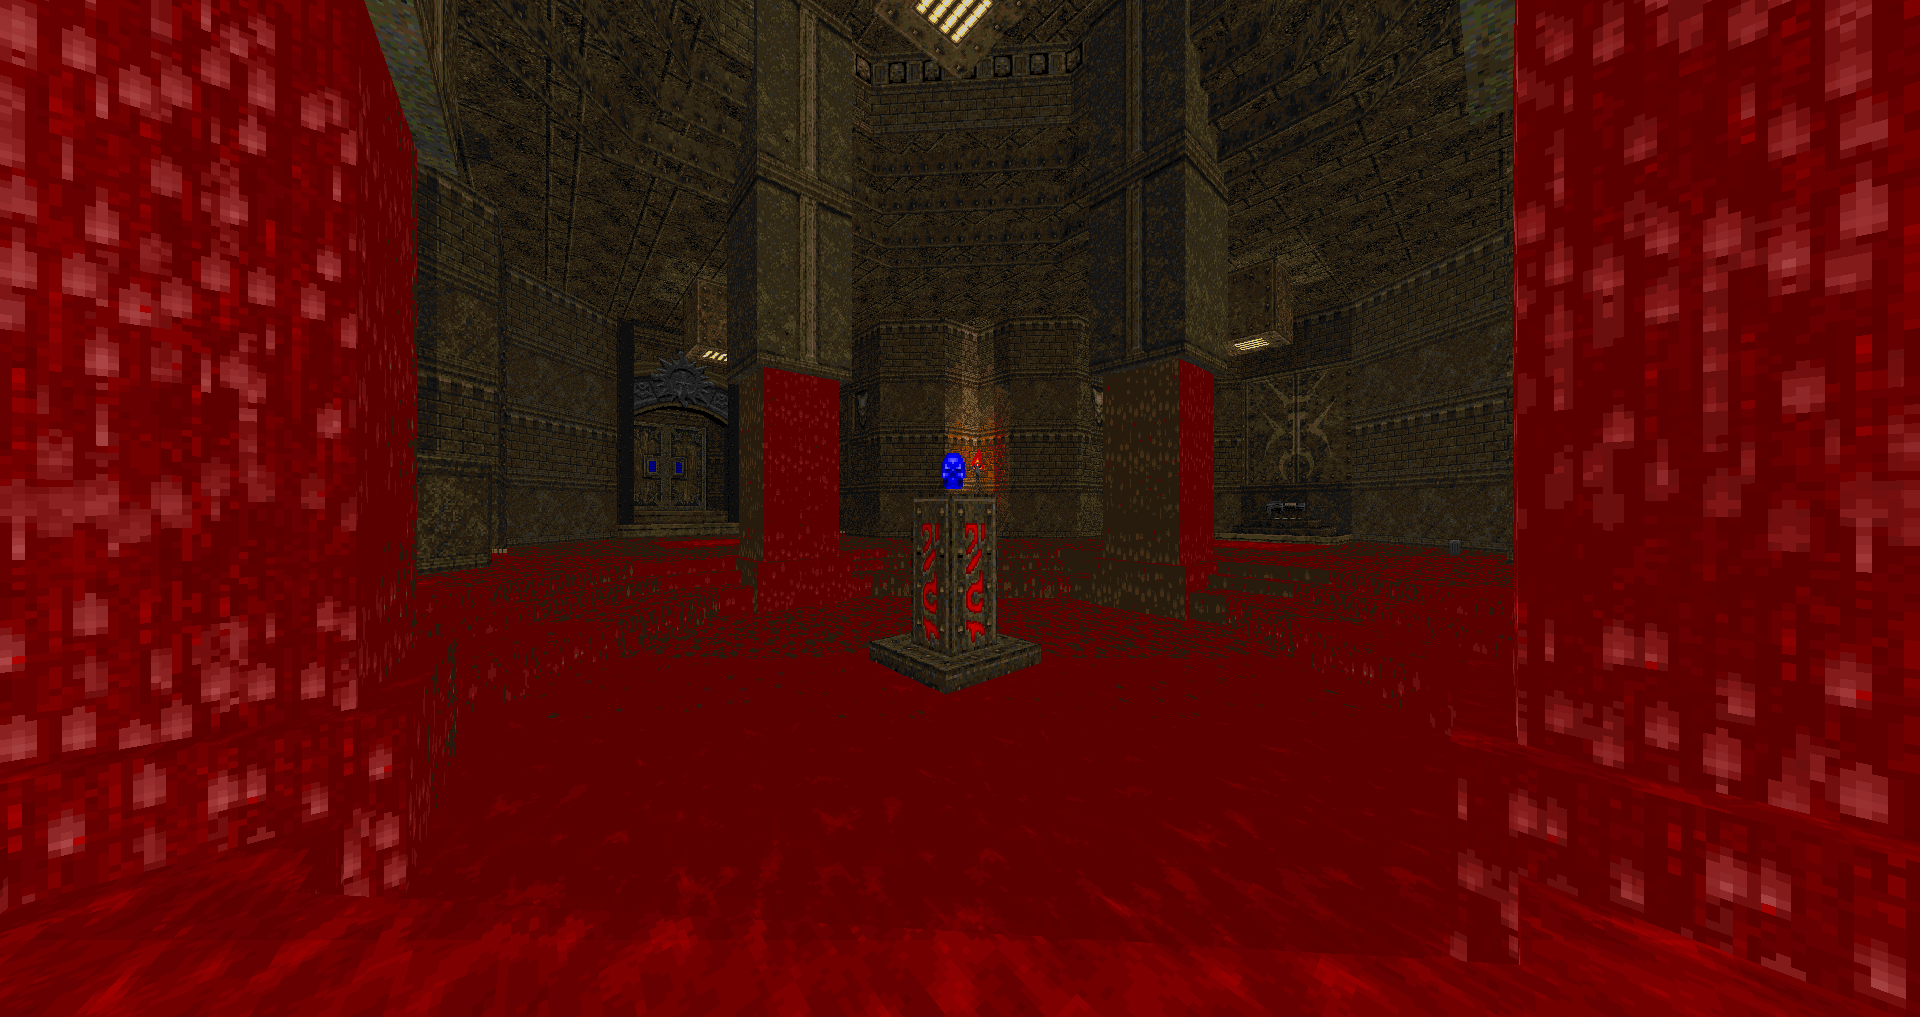 Screenshot_Doom_20201014_215410.png.b2cfd422723f5ebbfe49b4b2f000e16d.png